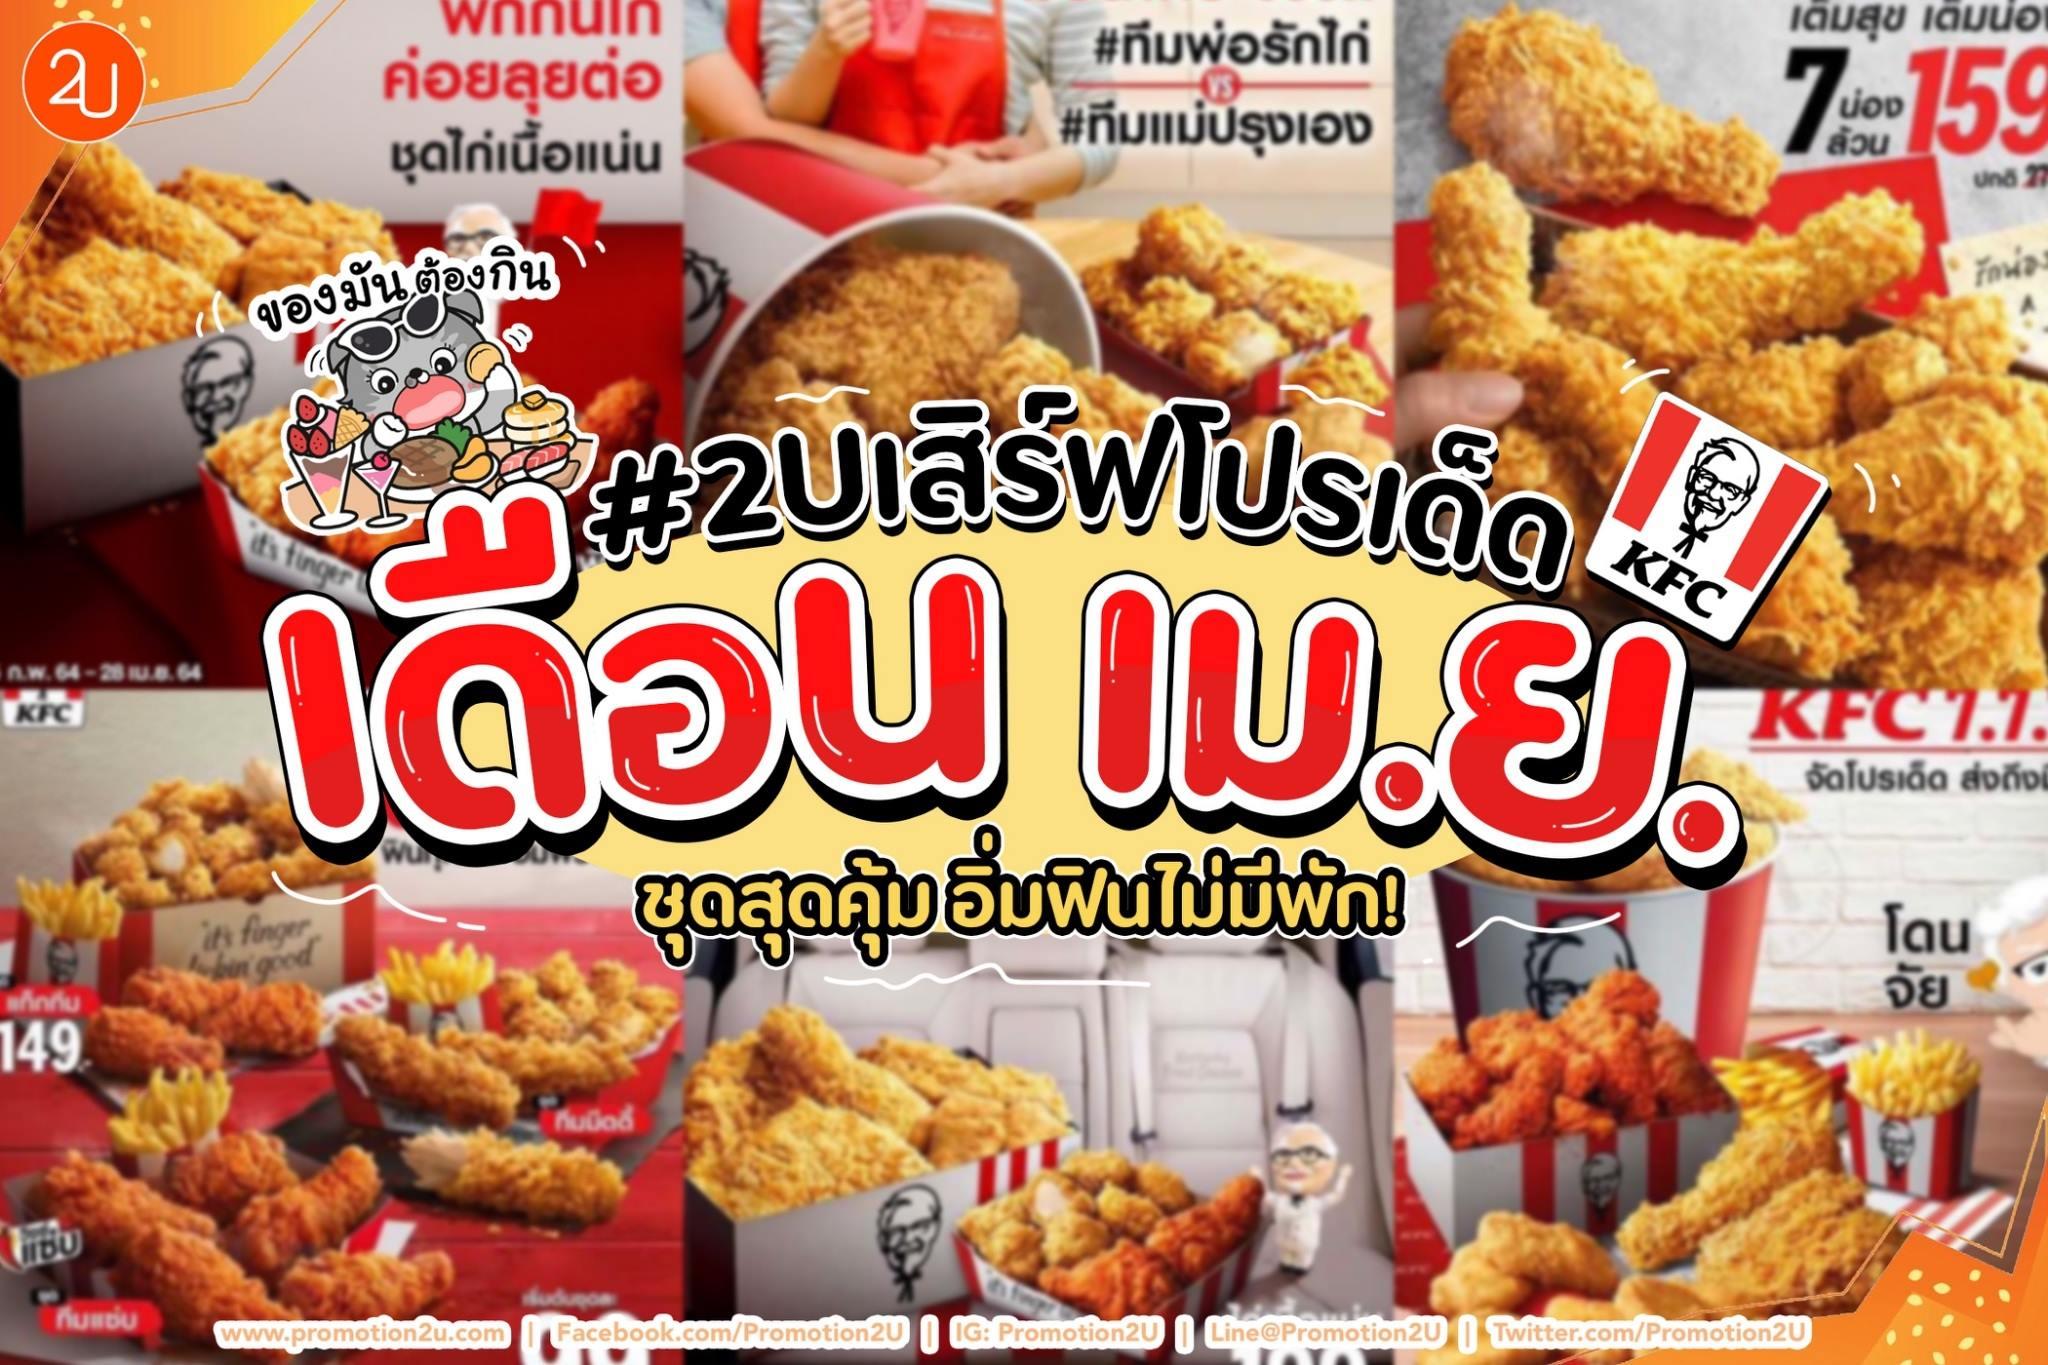 รวมโปรโมชั่น KFC เดือน เม.ย.64 เริ่มต้นที่ 1 บาท!!